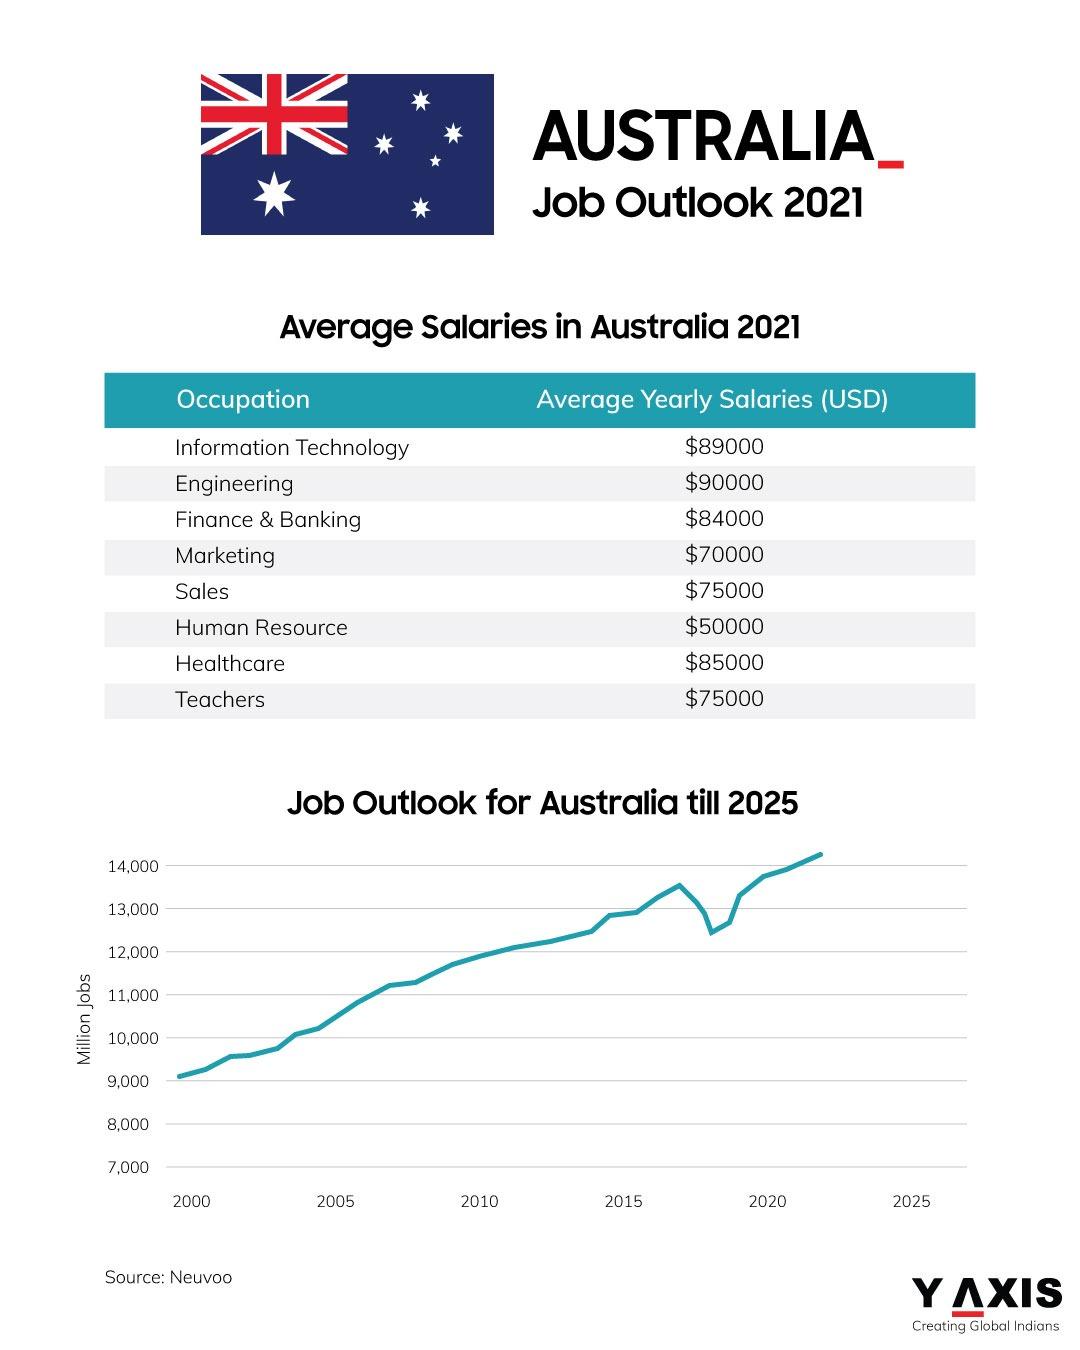 Jobs outlook in Australia for 2021